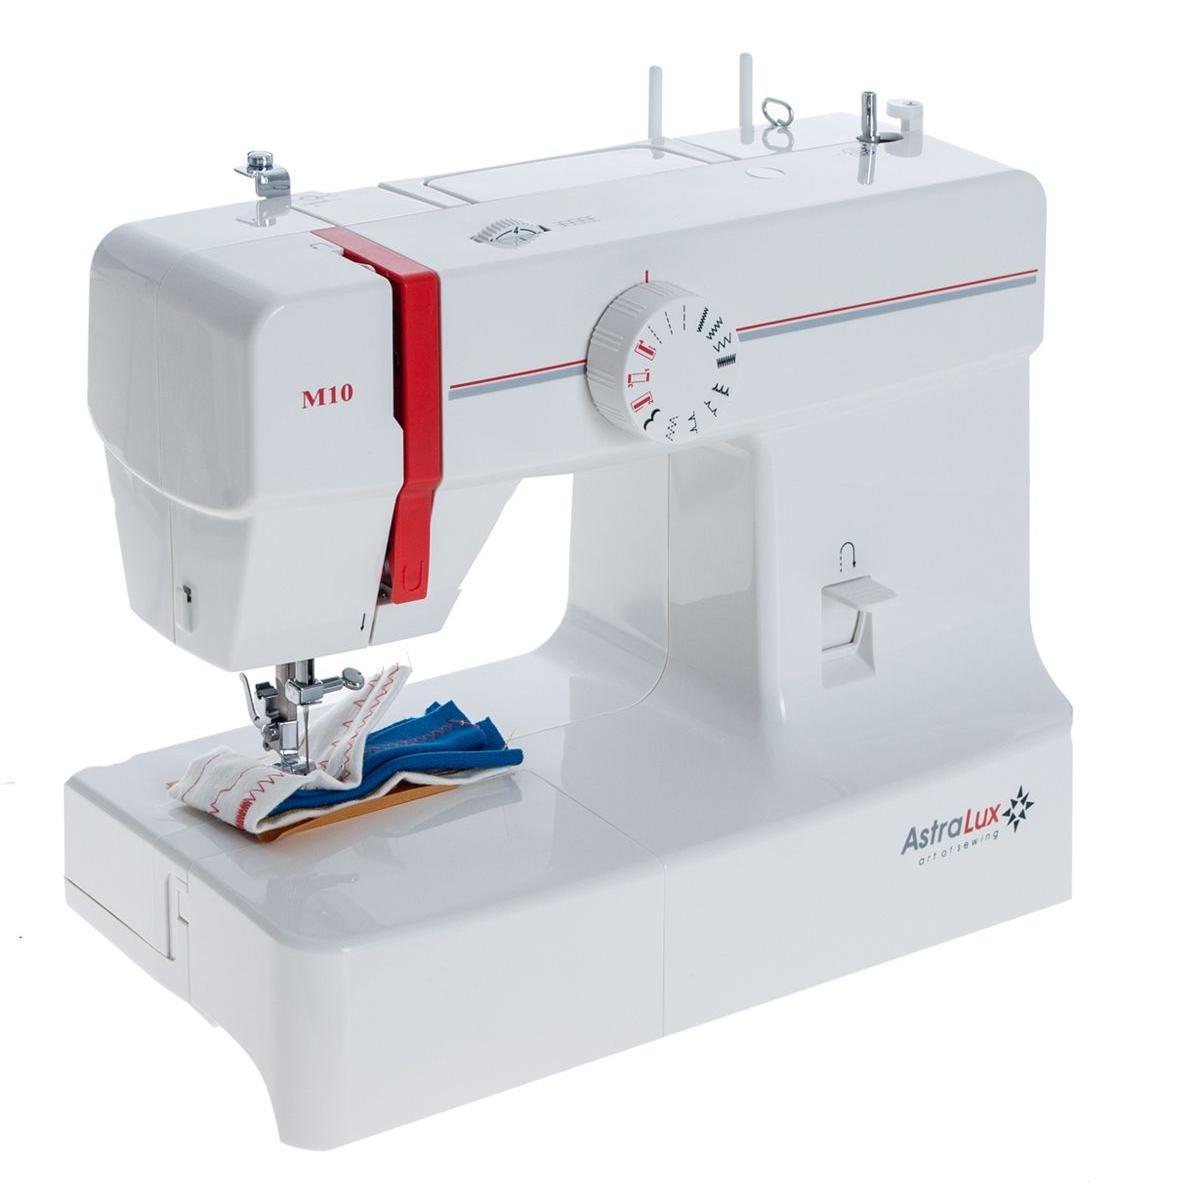 купить швейную машинку астралюкс в красноярске #5